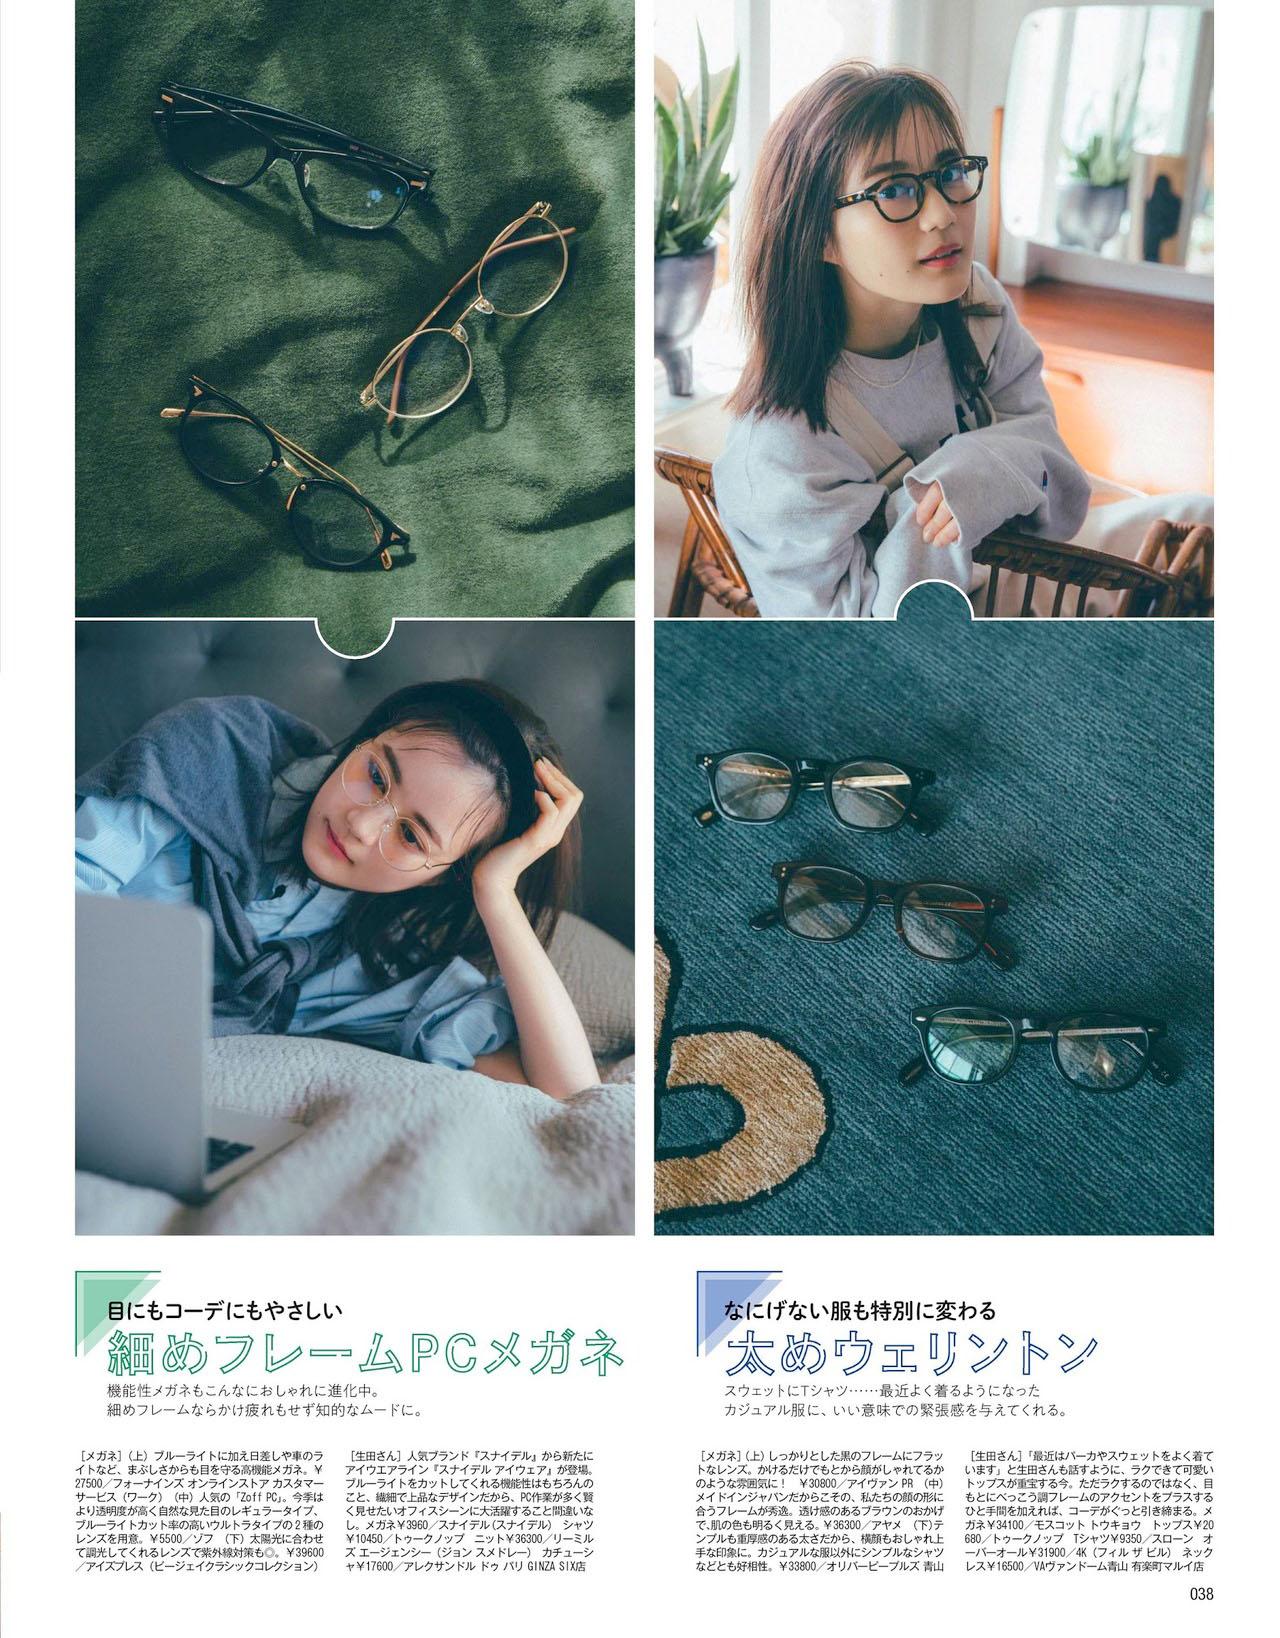 EIkuta More 2105 04.jpg